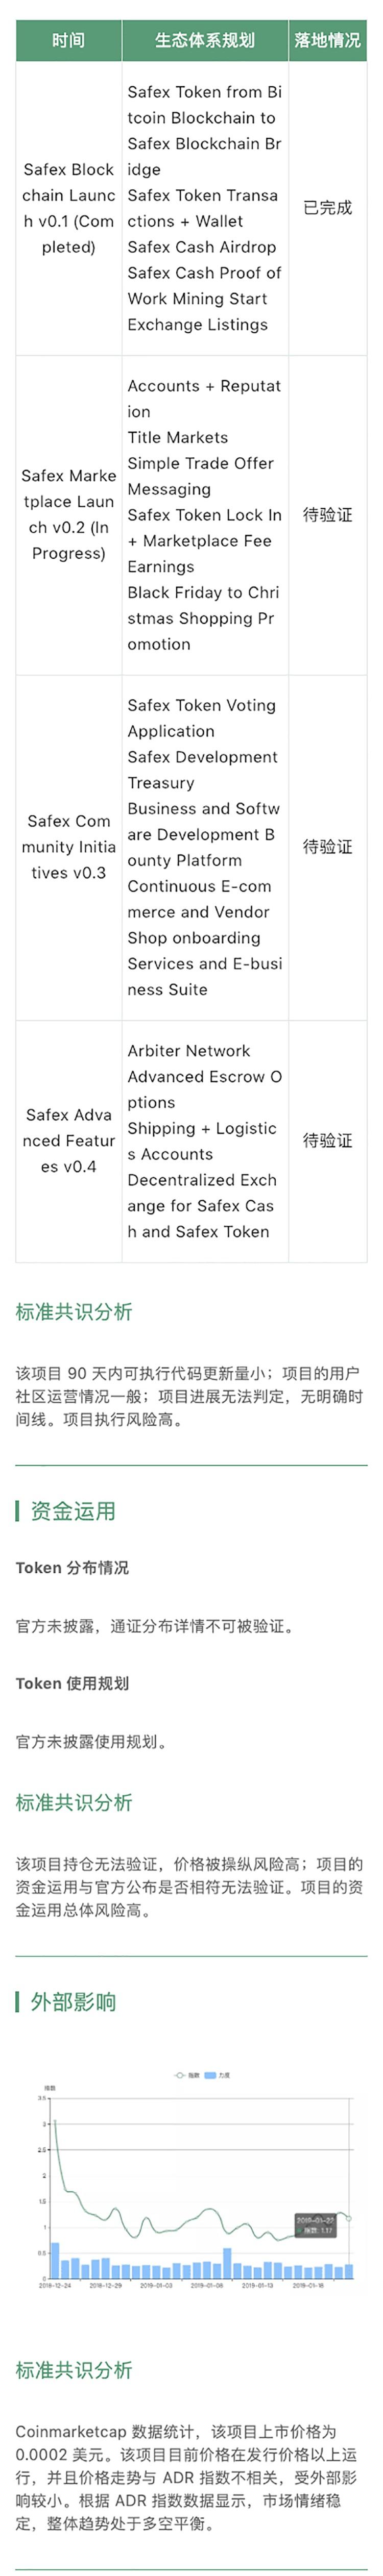 标准共识:Digitex交易平台仍未上线